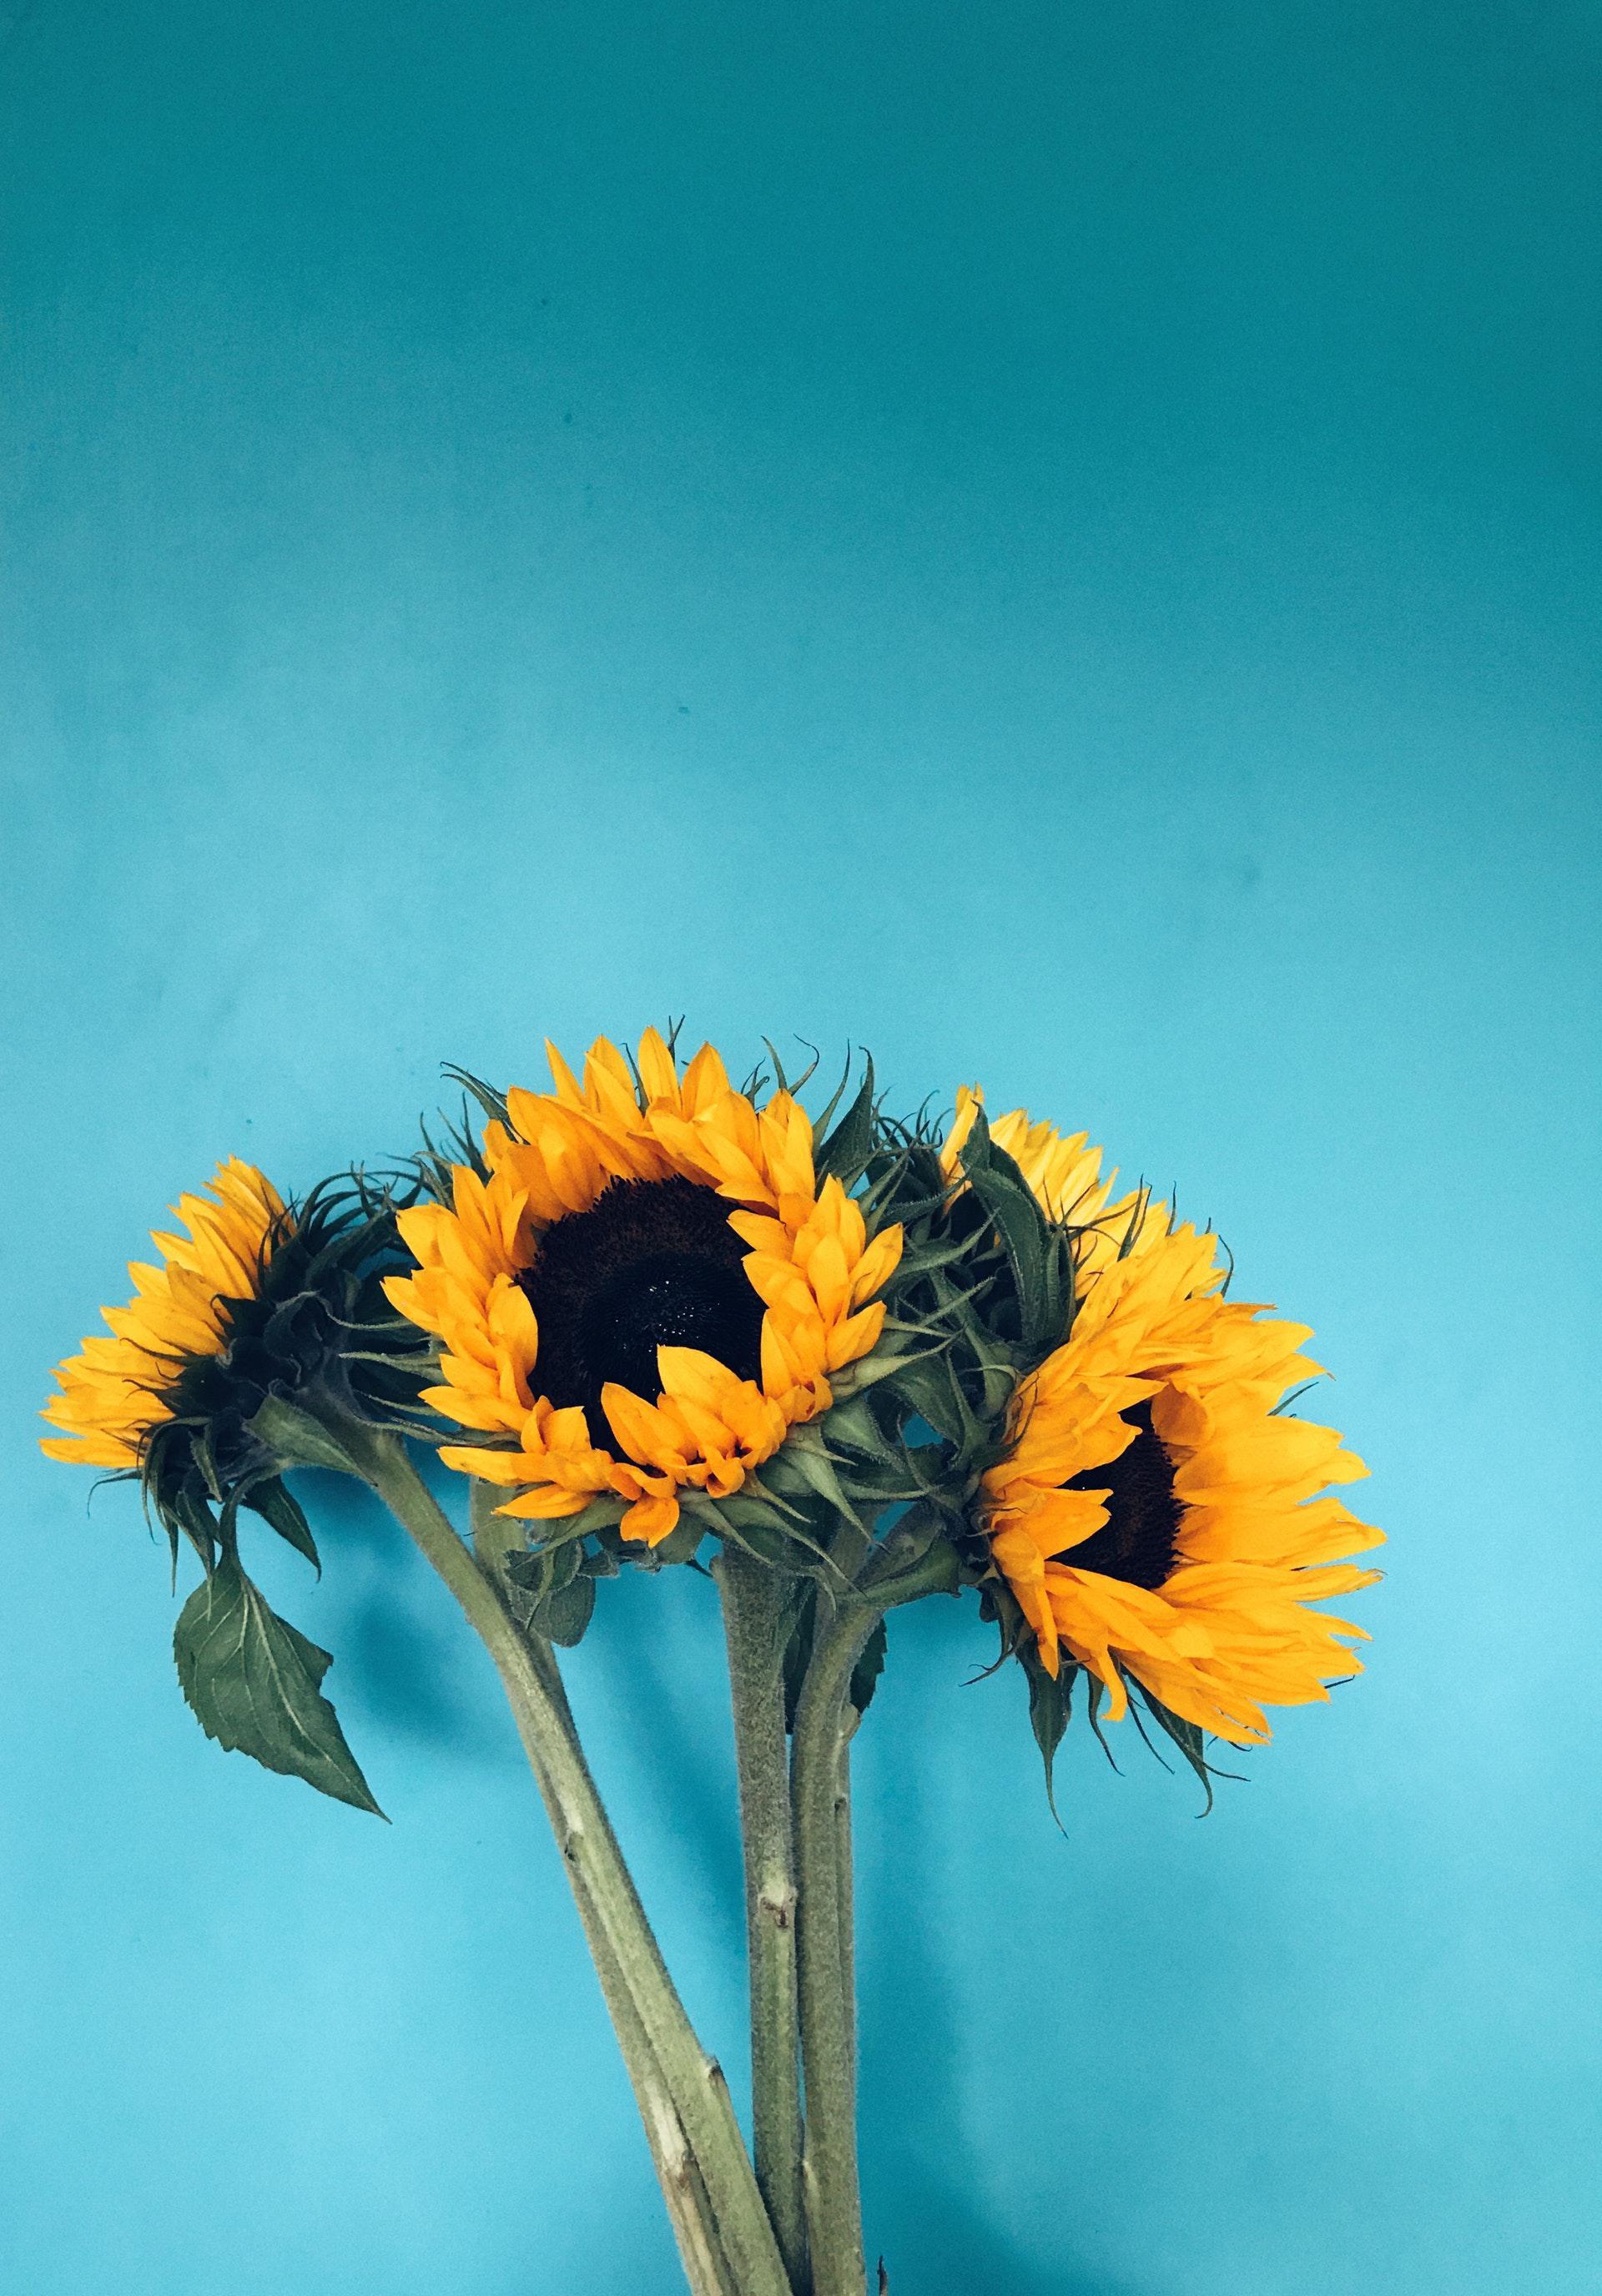 عکس زمینه چهار گل آفتابگردان با زمینه آبی پس زمینه